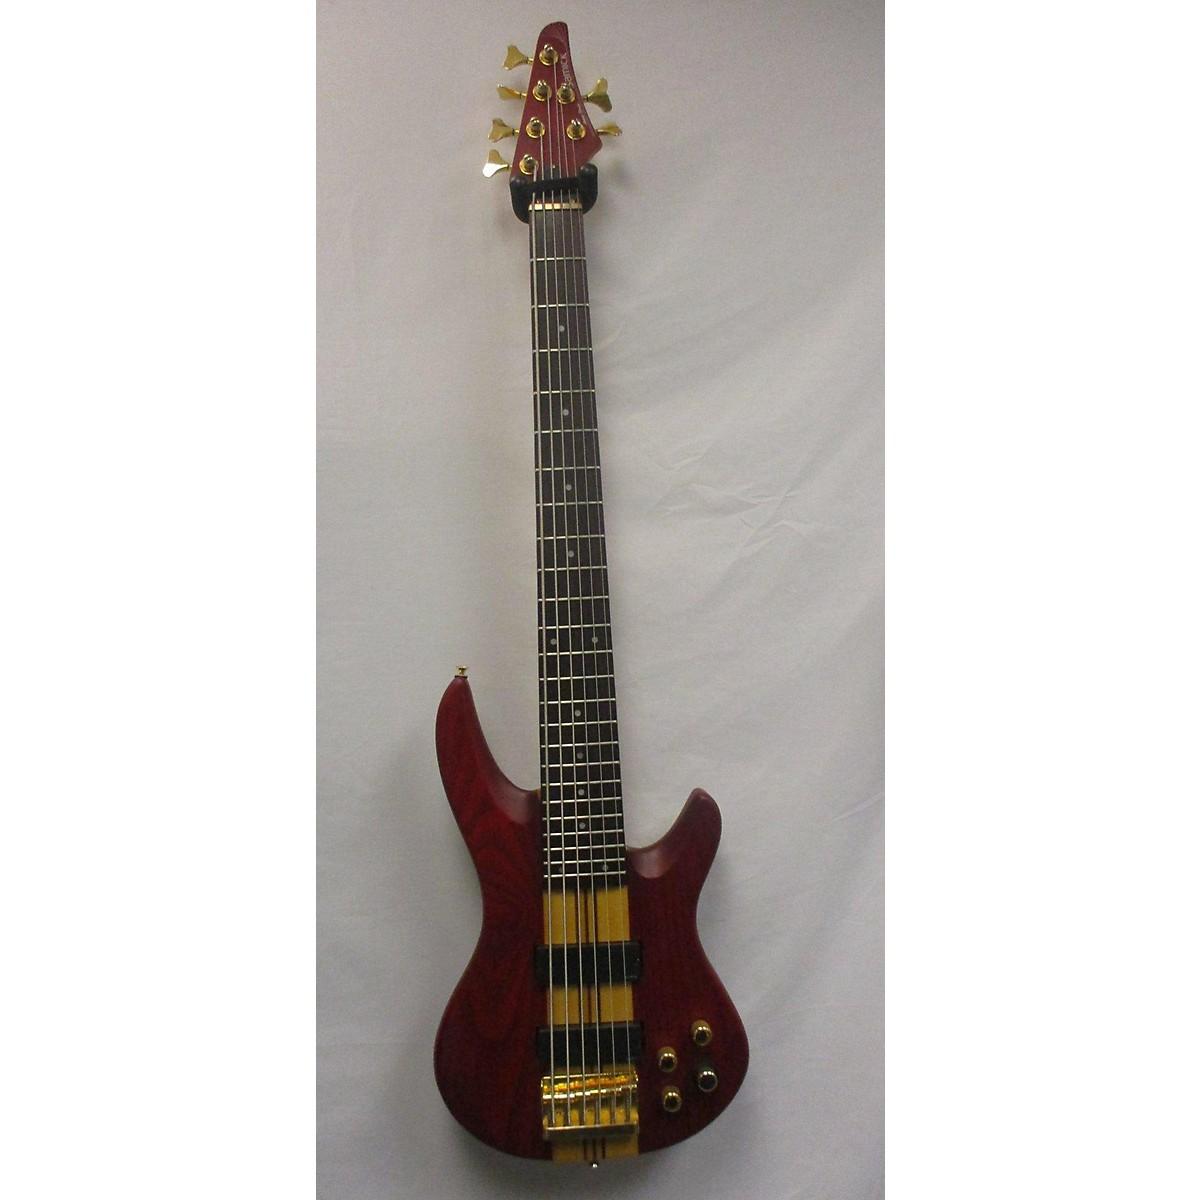 Samick Ybt6-629 Electric Bass Guitar